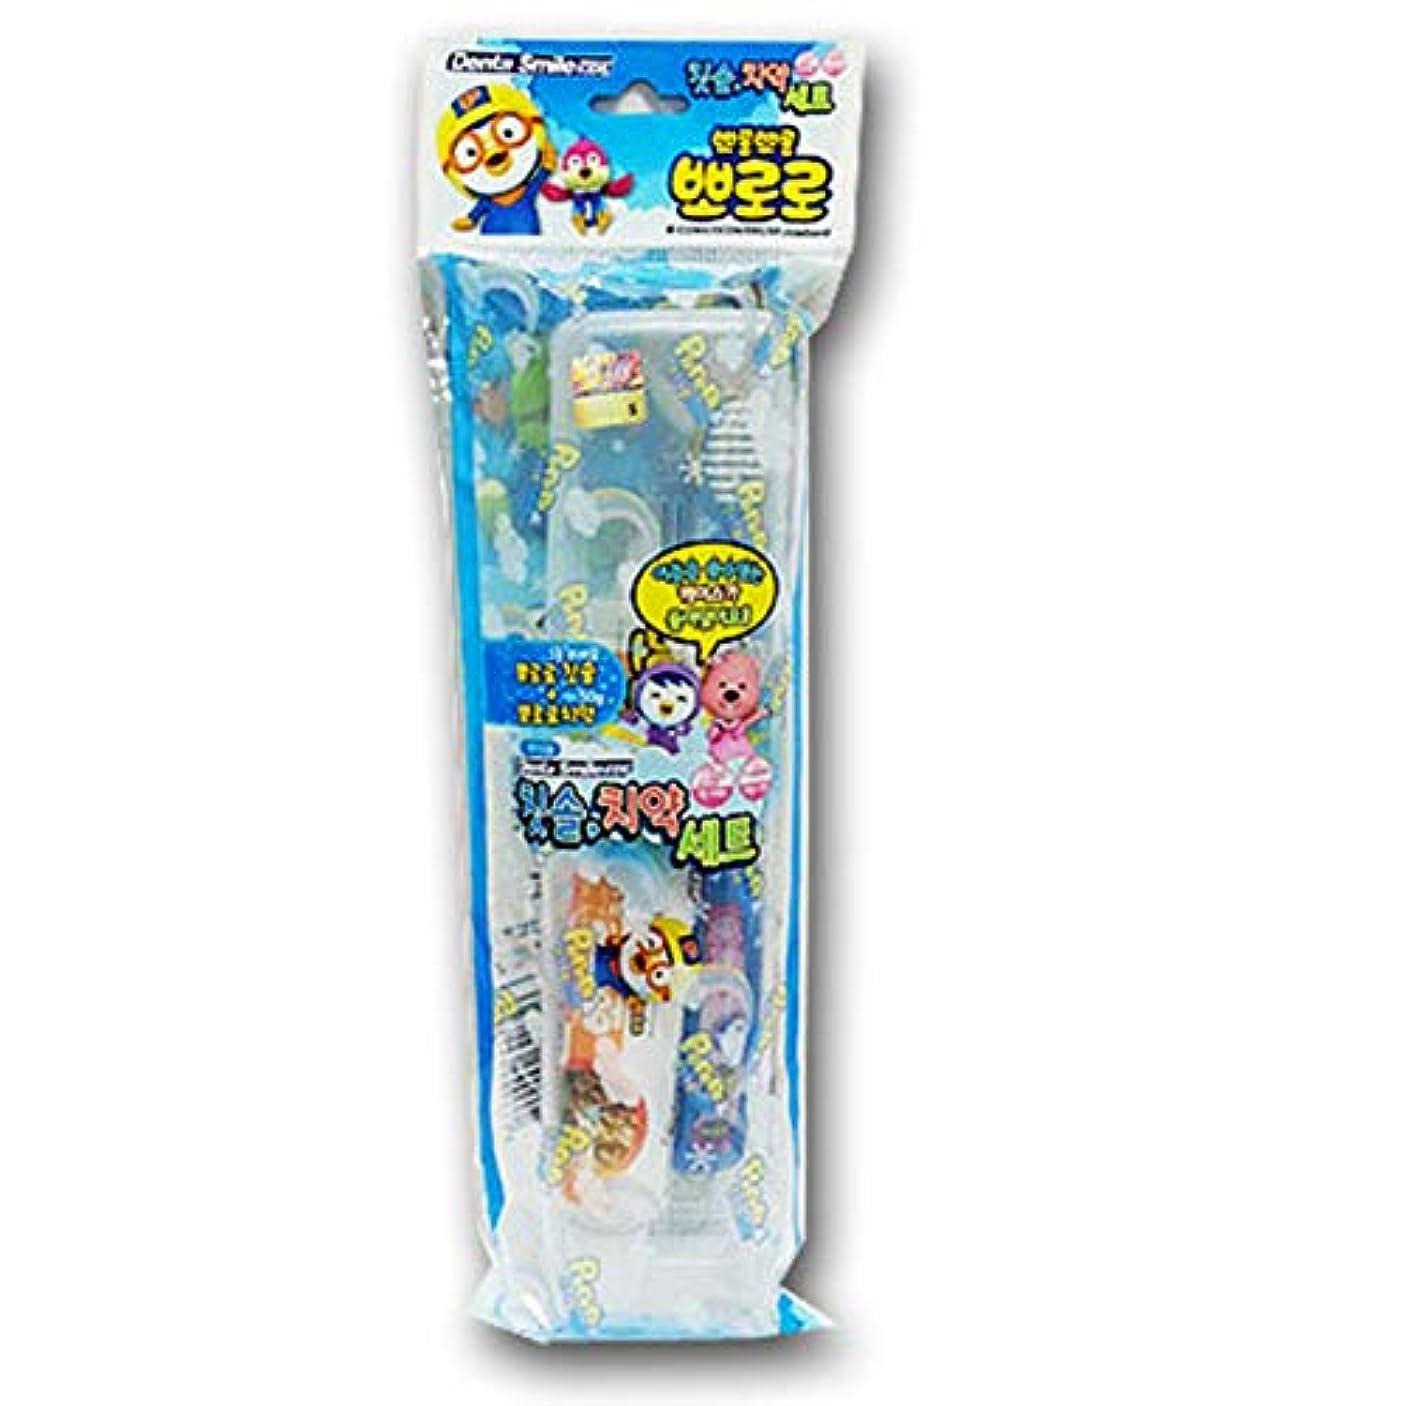 死傾向志すPororo&Friendsポータブル歯磨き粉歯ブラシセットパイナップル香50g.